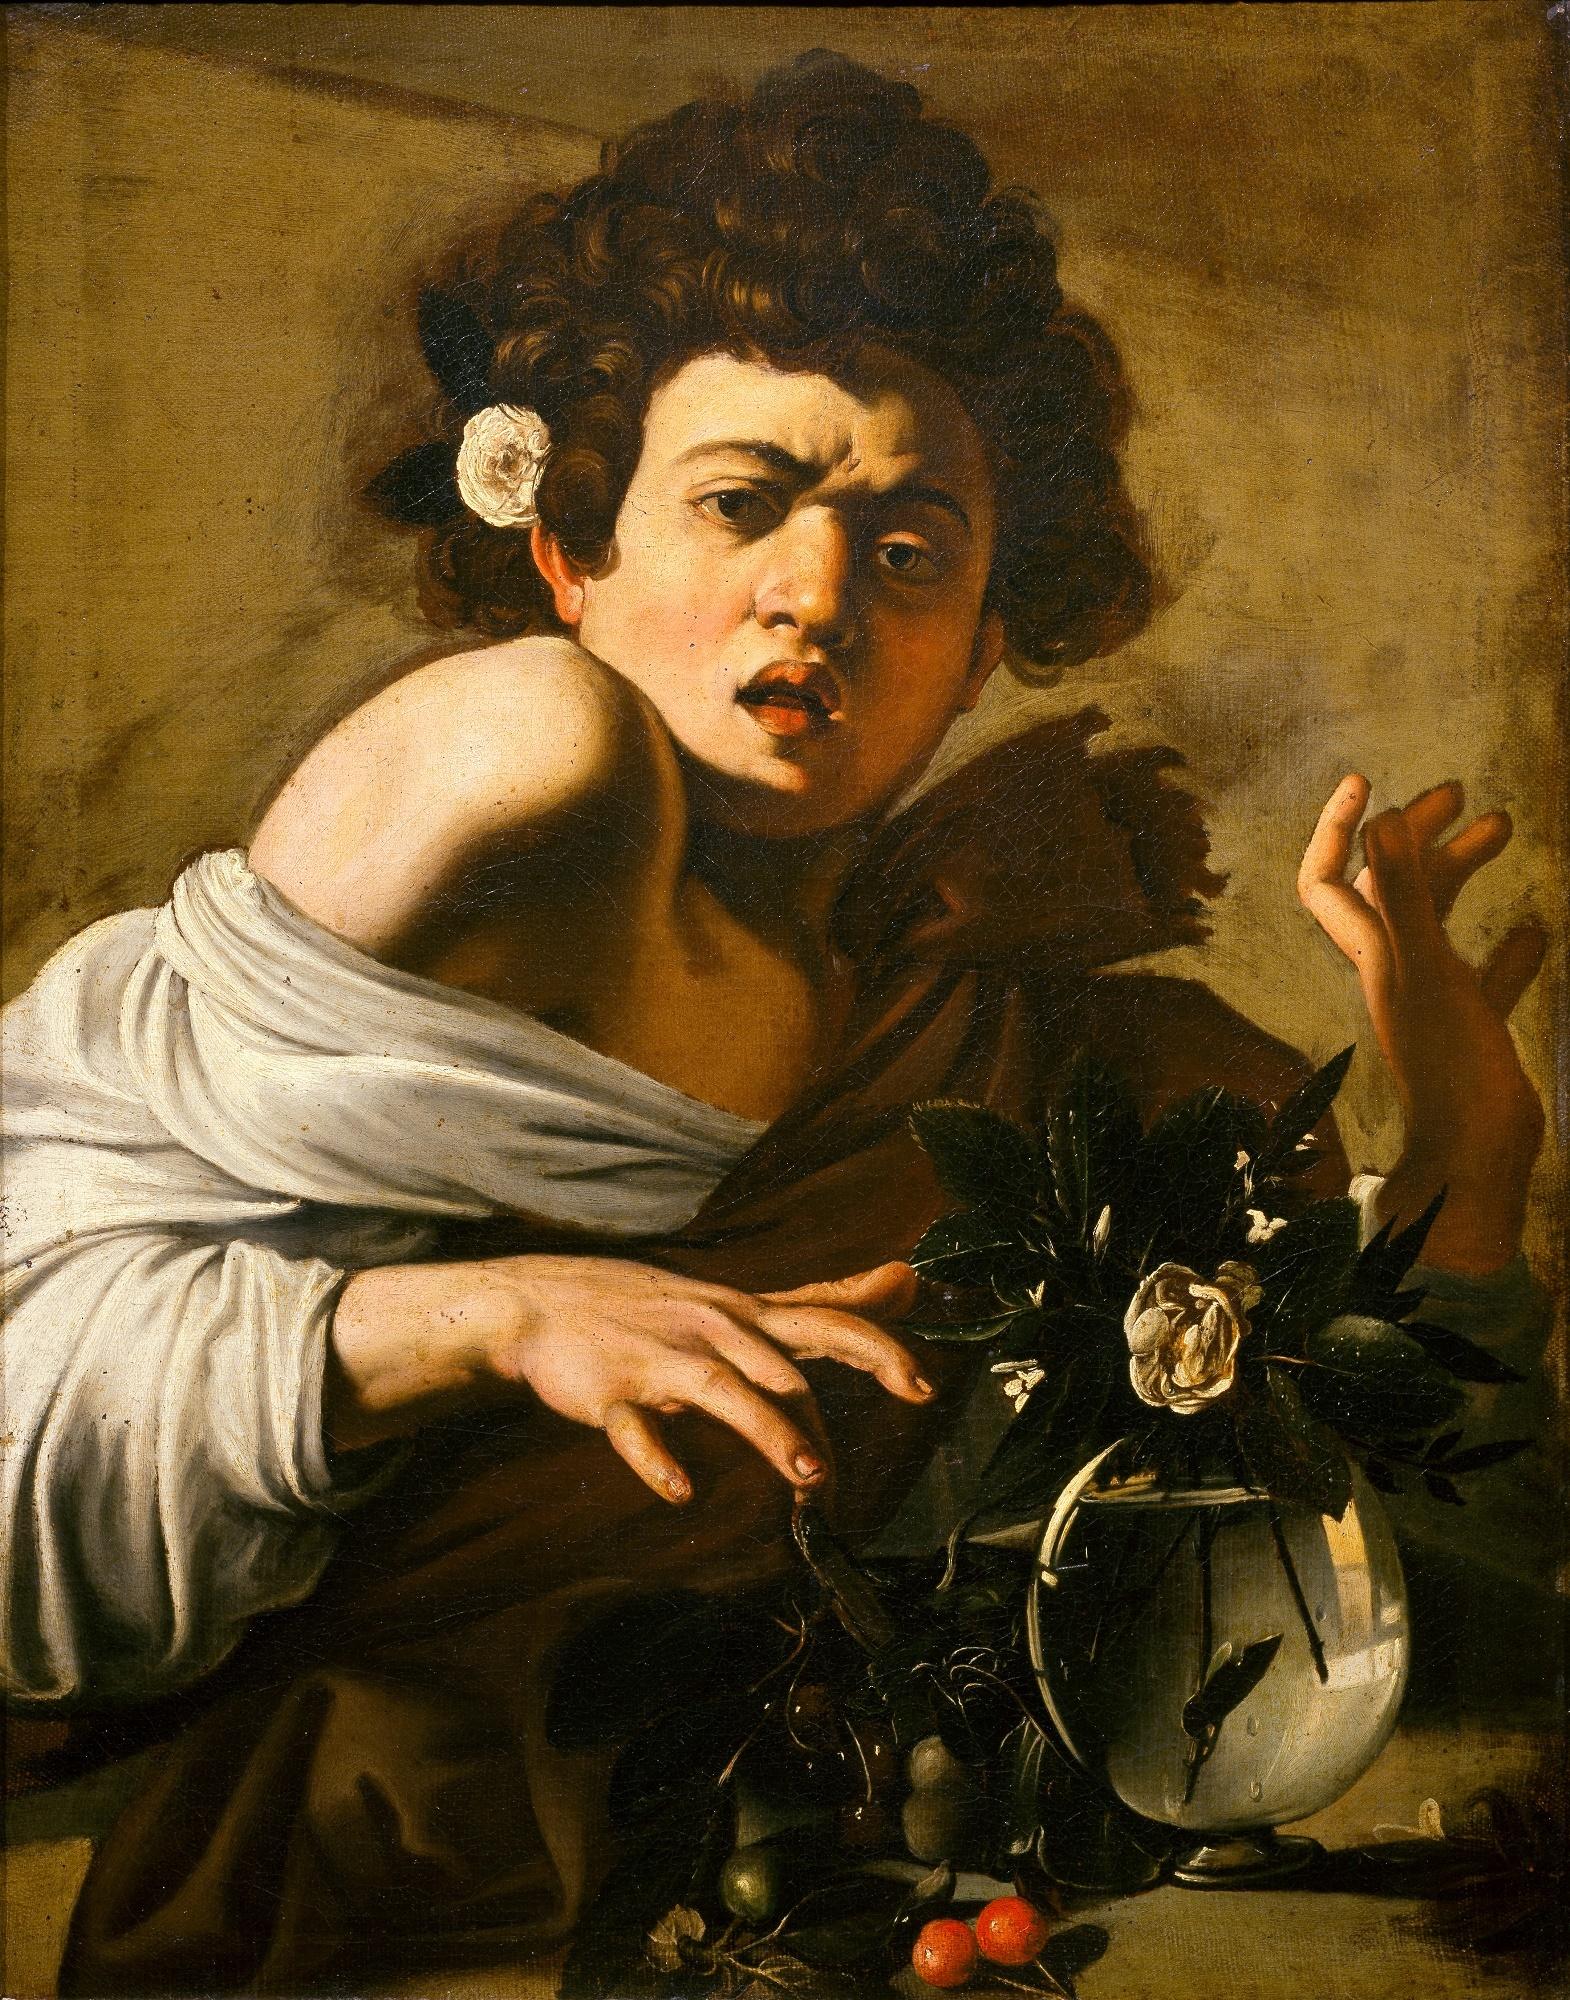 カラヴァッジョ 《トカゲに噛まれる少年》 1596〜97年頃 フィレンツェ、ロベルト・ロンギ美術史財団 Firenze, Fondazione di Studi di Storia dell'Arte Roberto Longhi